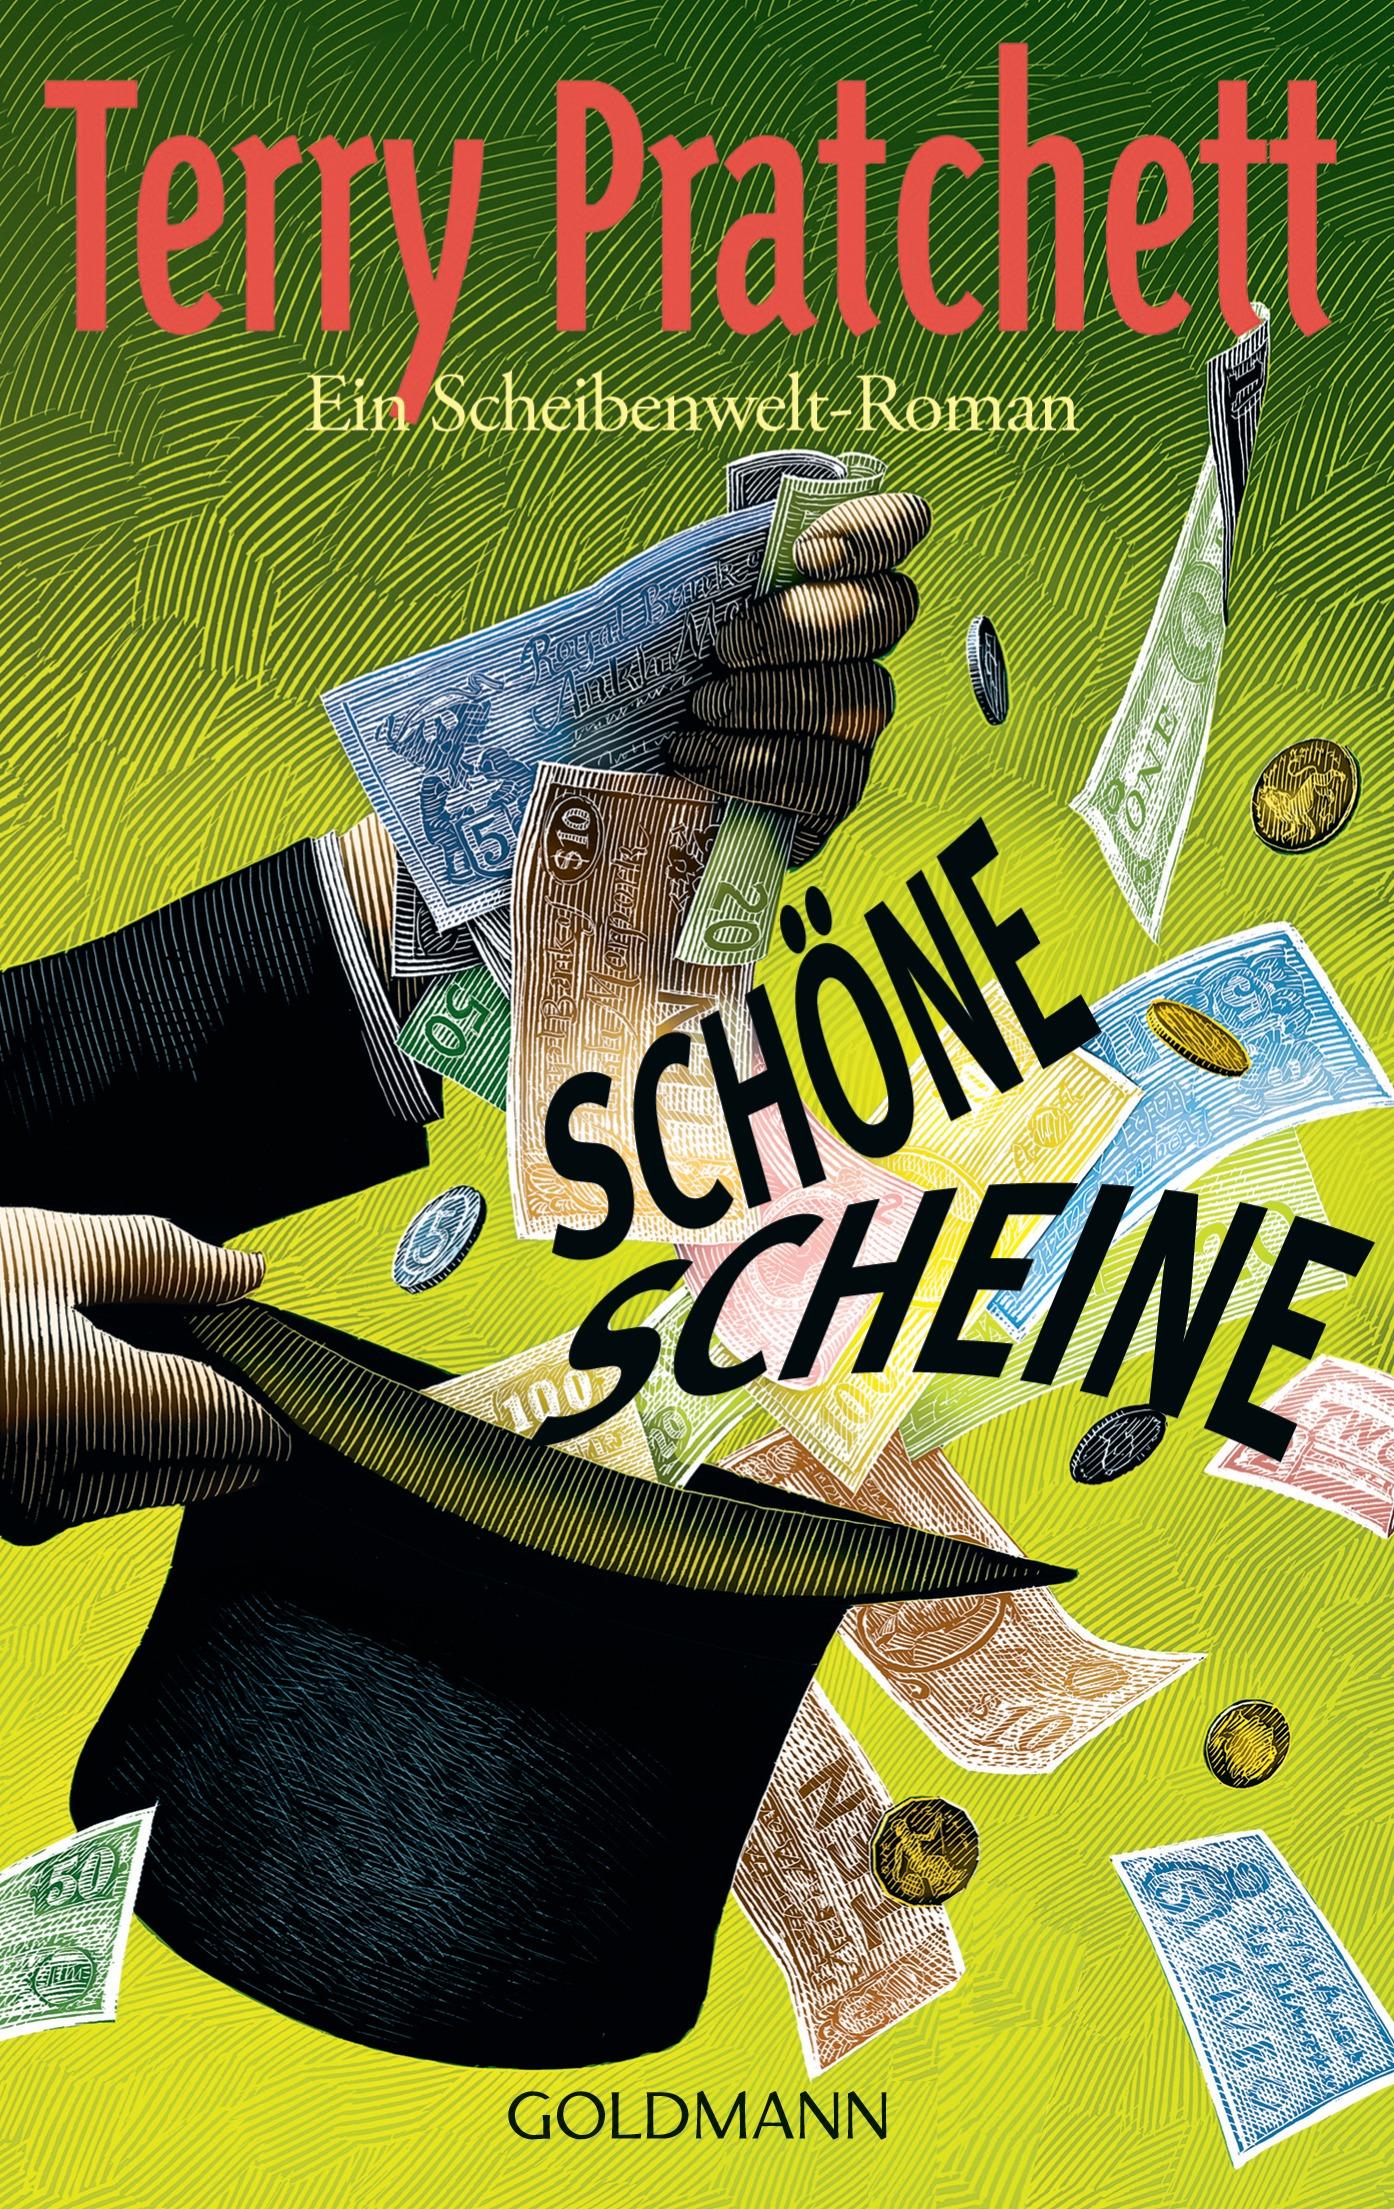 Schöne Scheine - Ein Scheibenwelt-Roman - Terry Pratchett